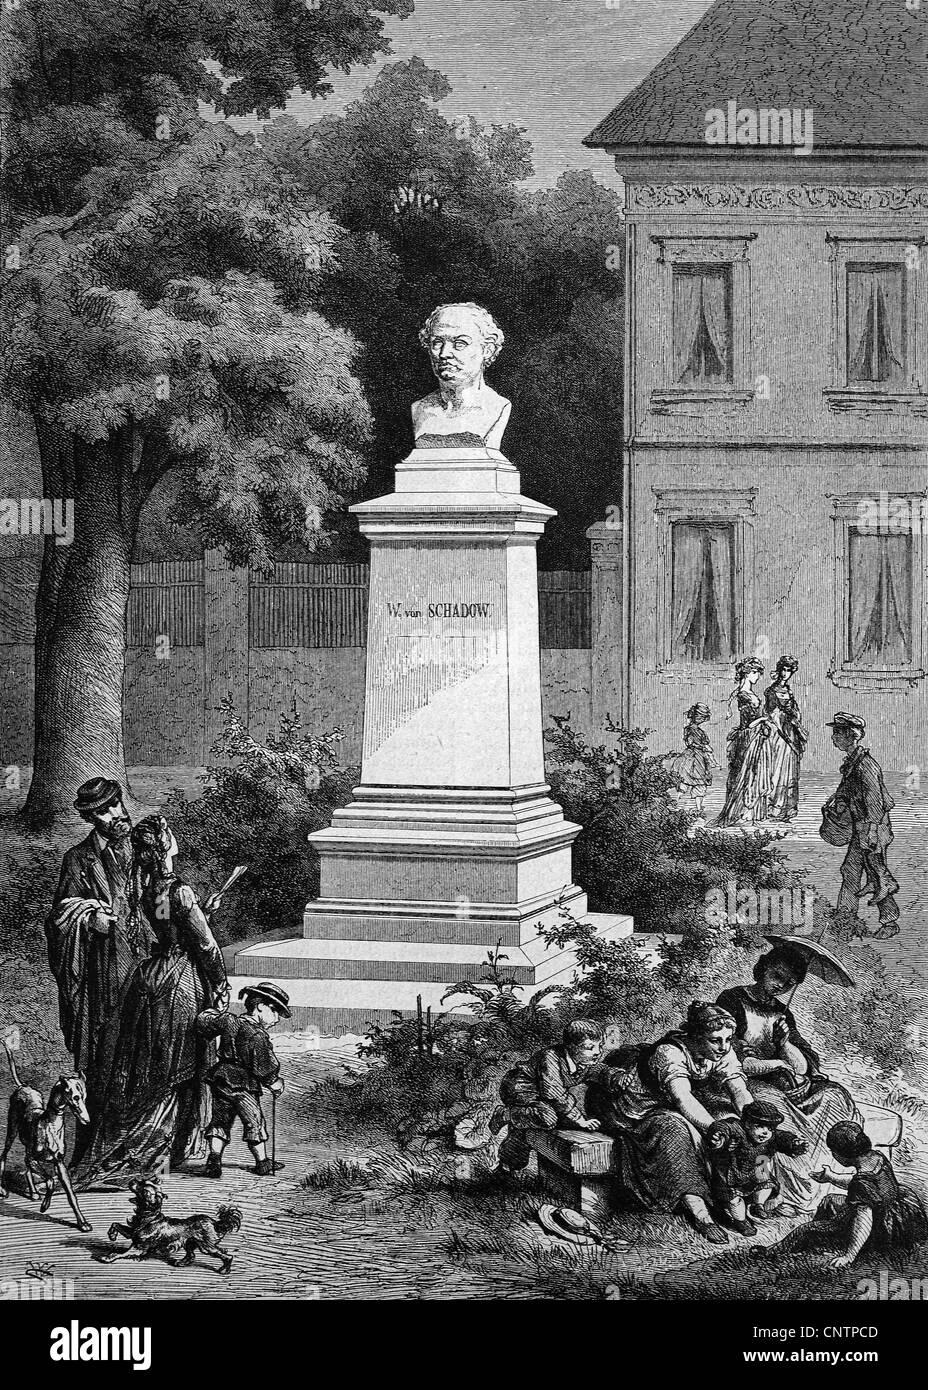 Schadow Monumento en Dusseldorf, Renania del Norte-Westfalia, Alemania, histórico xilografía, circa 1870 Foto de stock